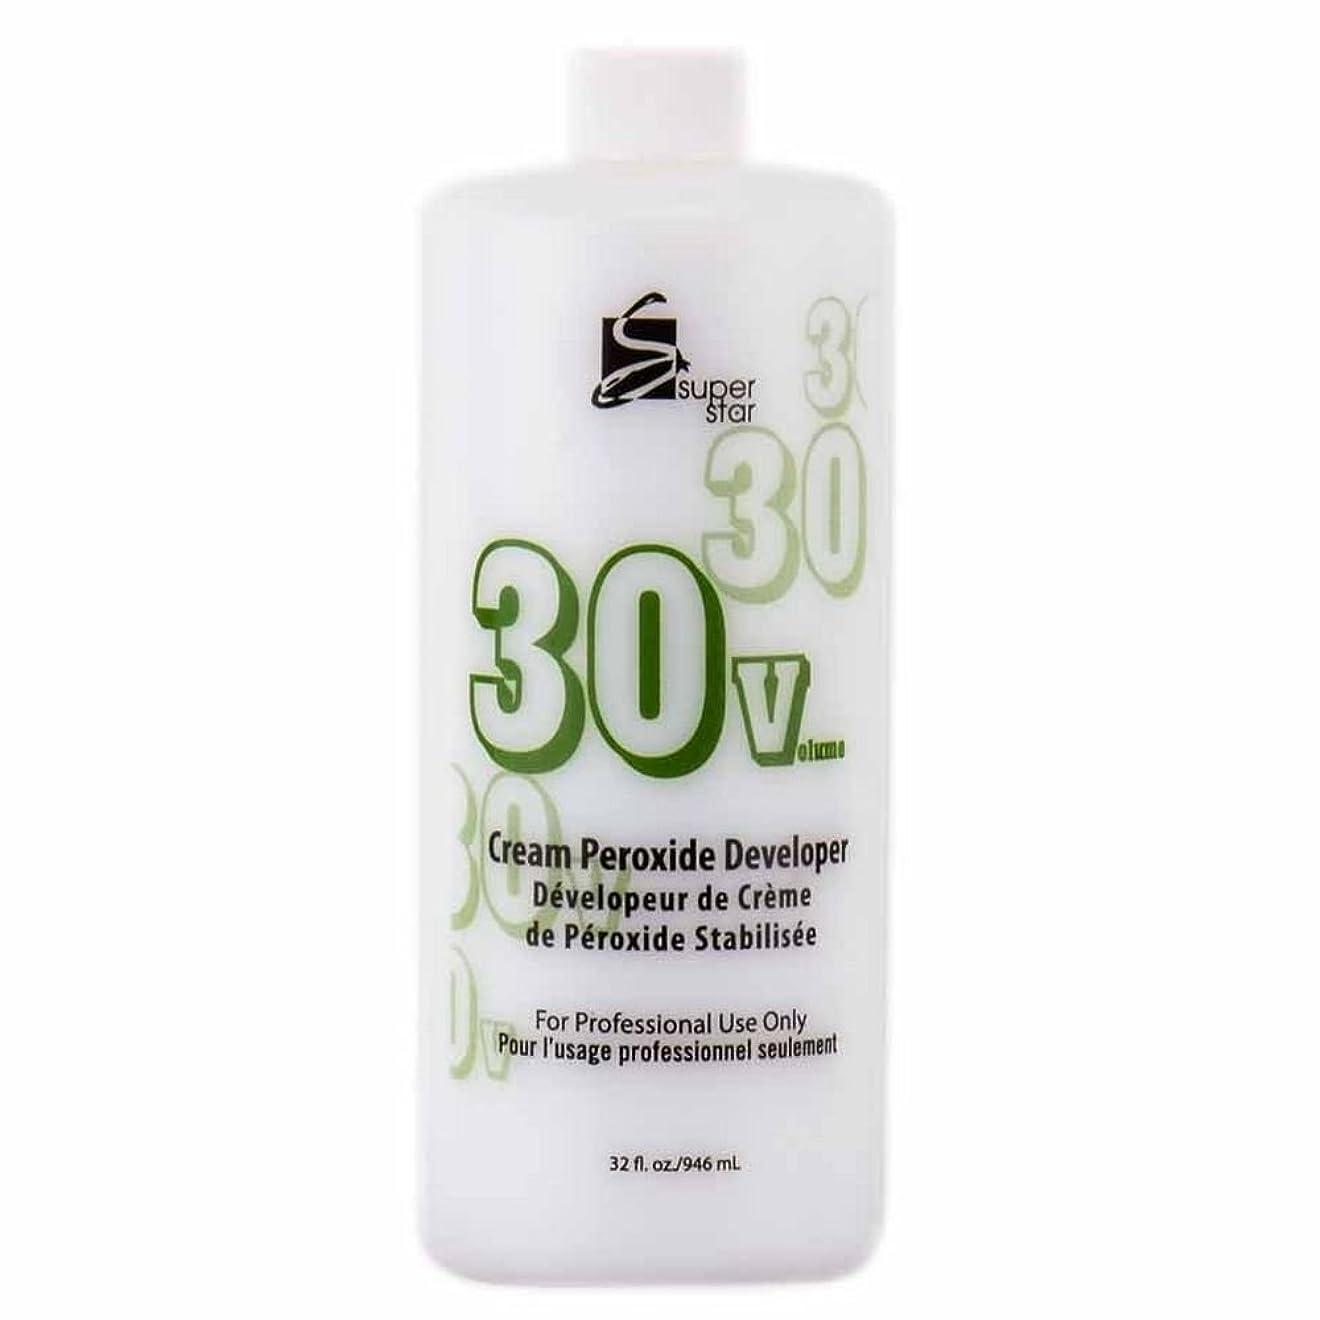 三十アクセントボイコットSUPER STAR Stabilized Cream Peroxide Developer 30V HC-50303 by Superstar